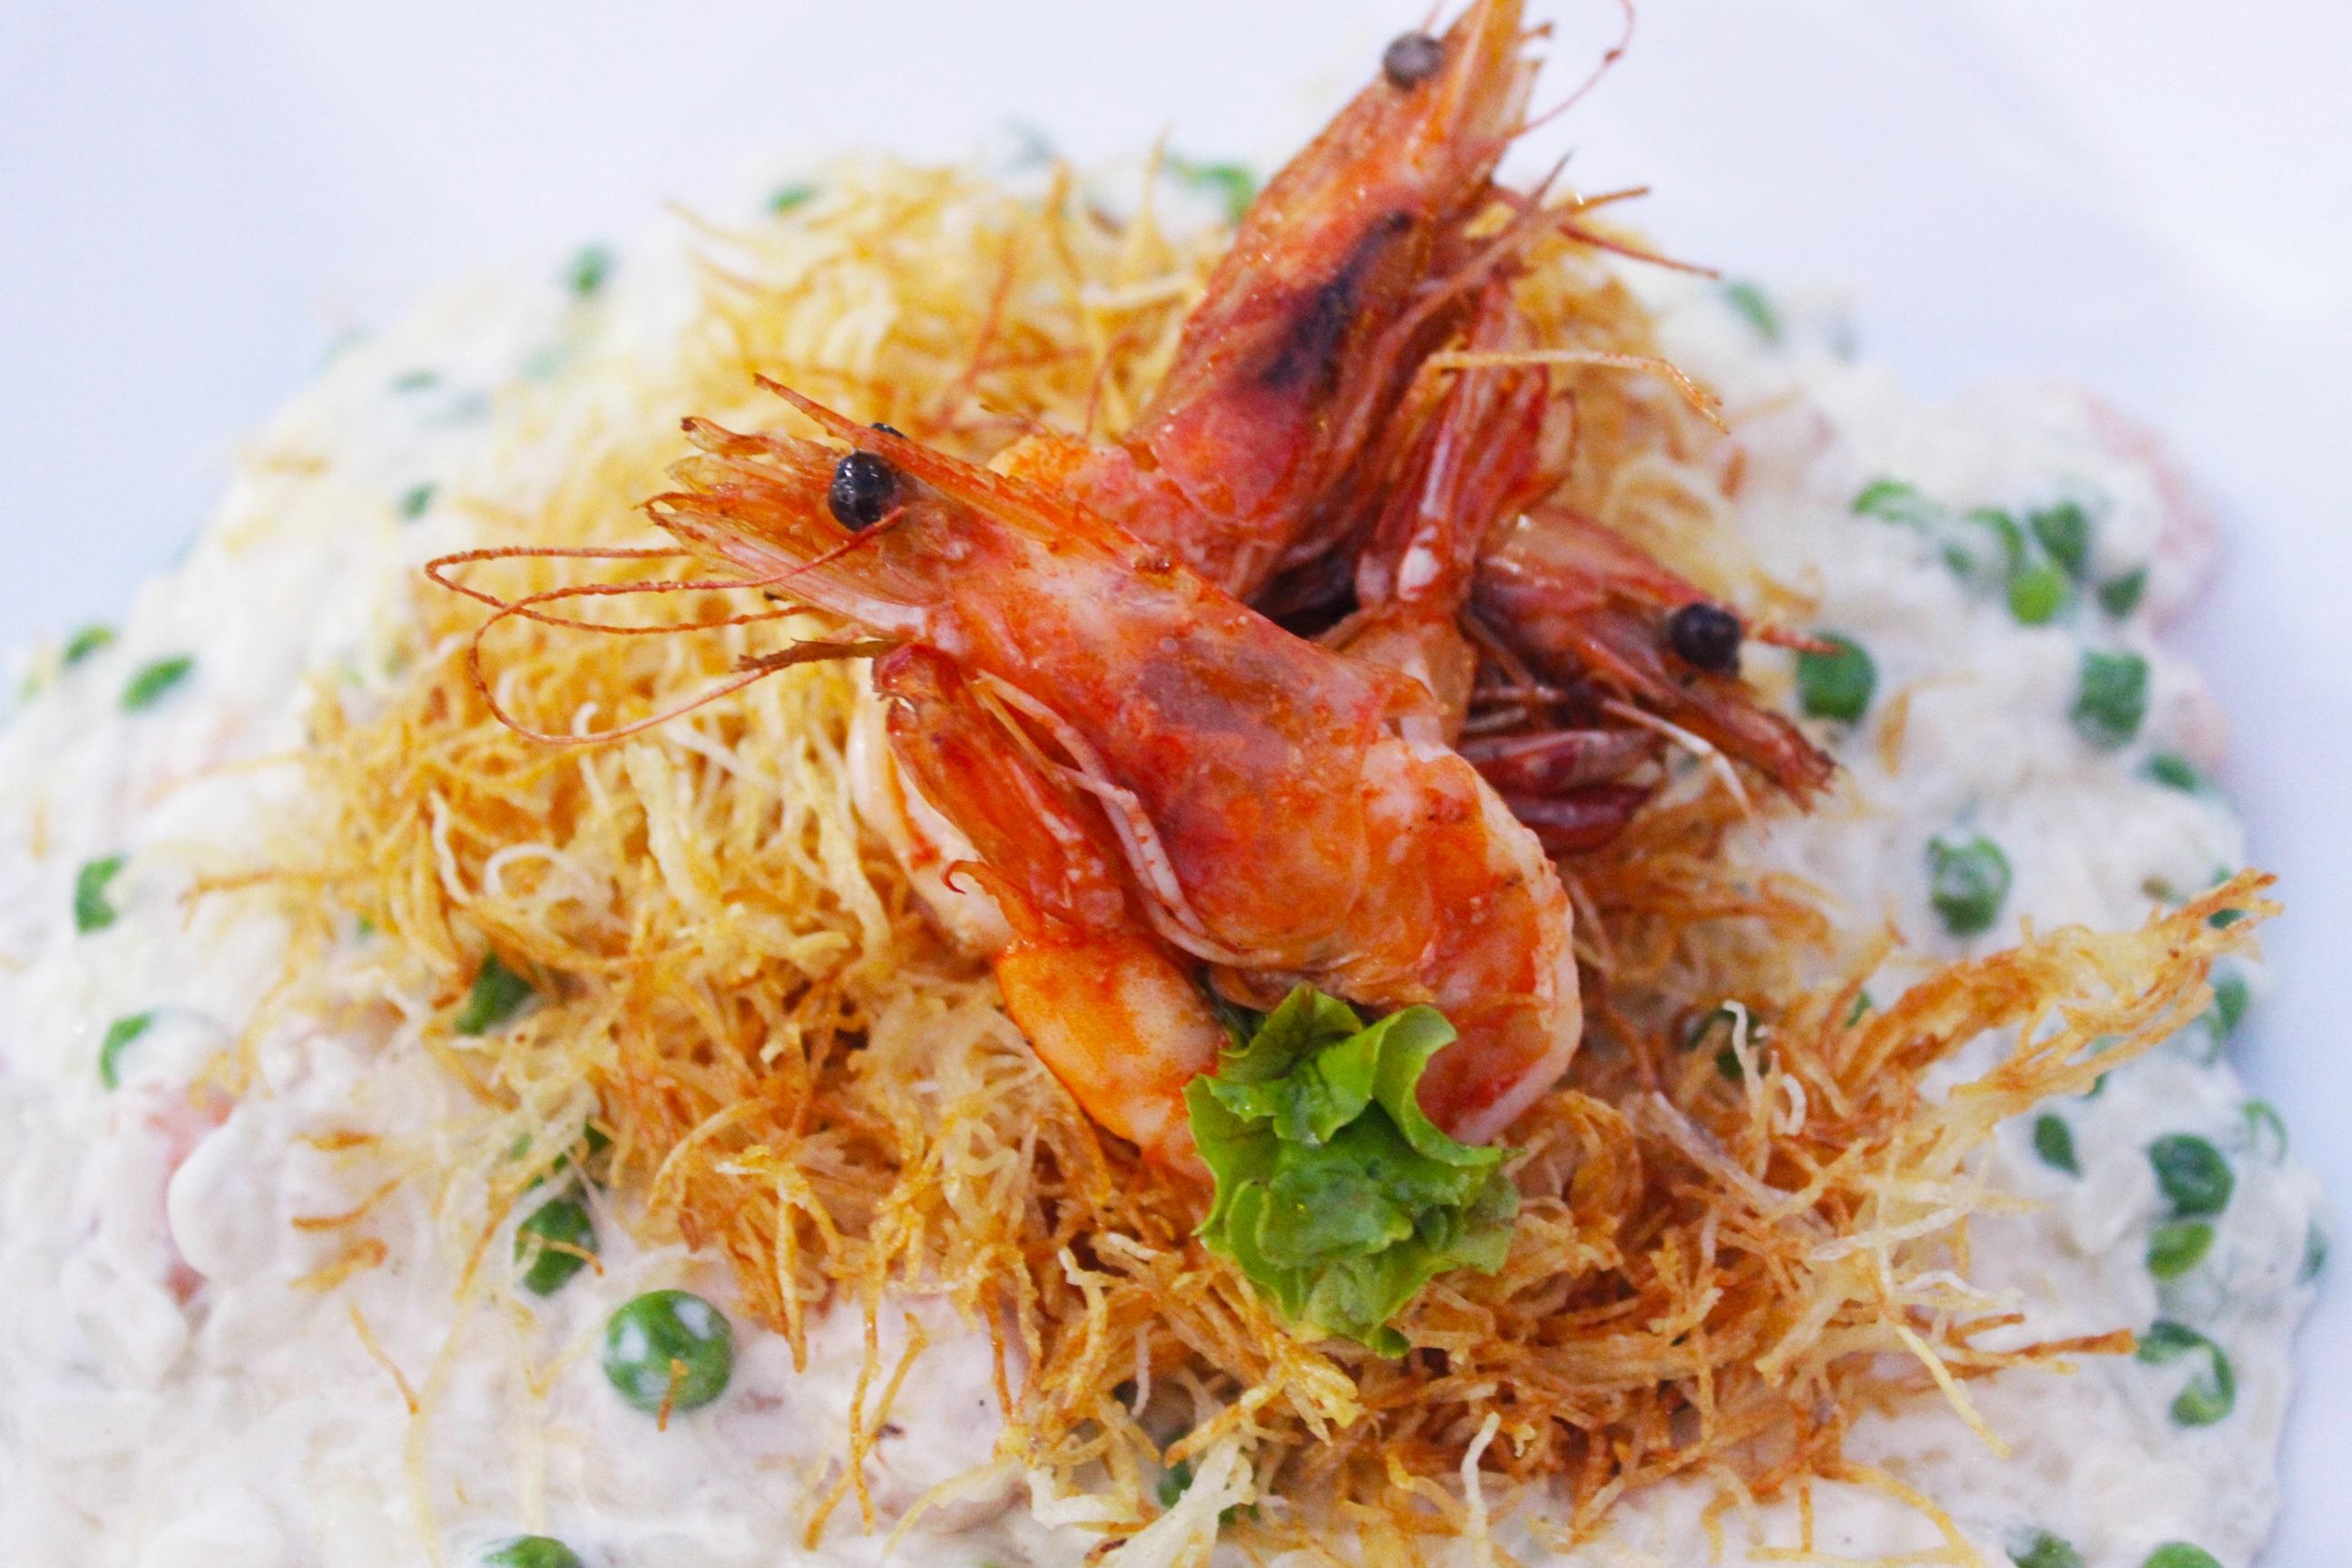 O prato clássico para quem gosta de camarão! Camarão Internacional para 2 pessoas de R$65,90 por apenas R$49,90 no Izumi Sushibar